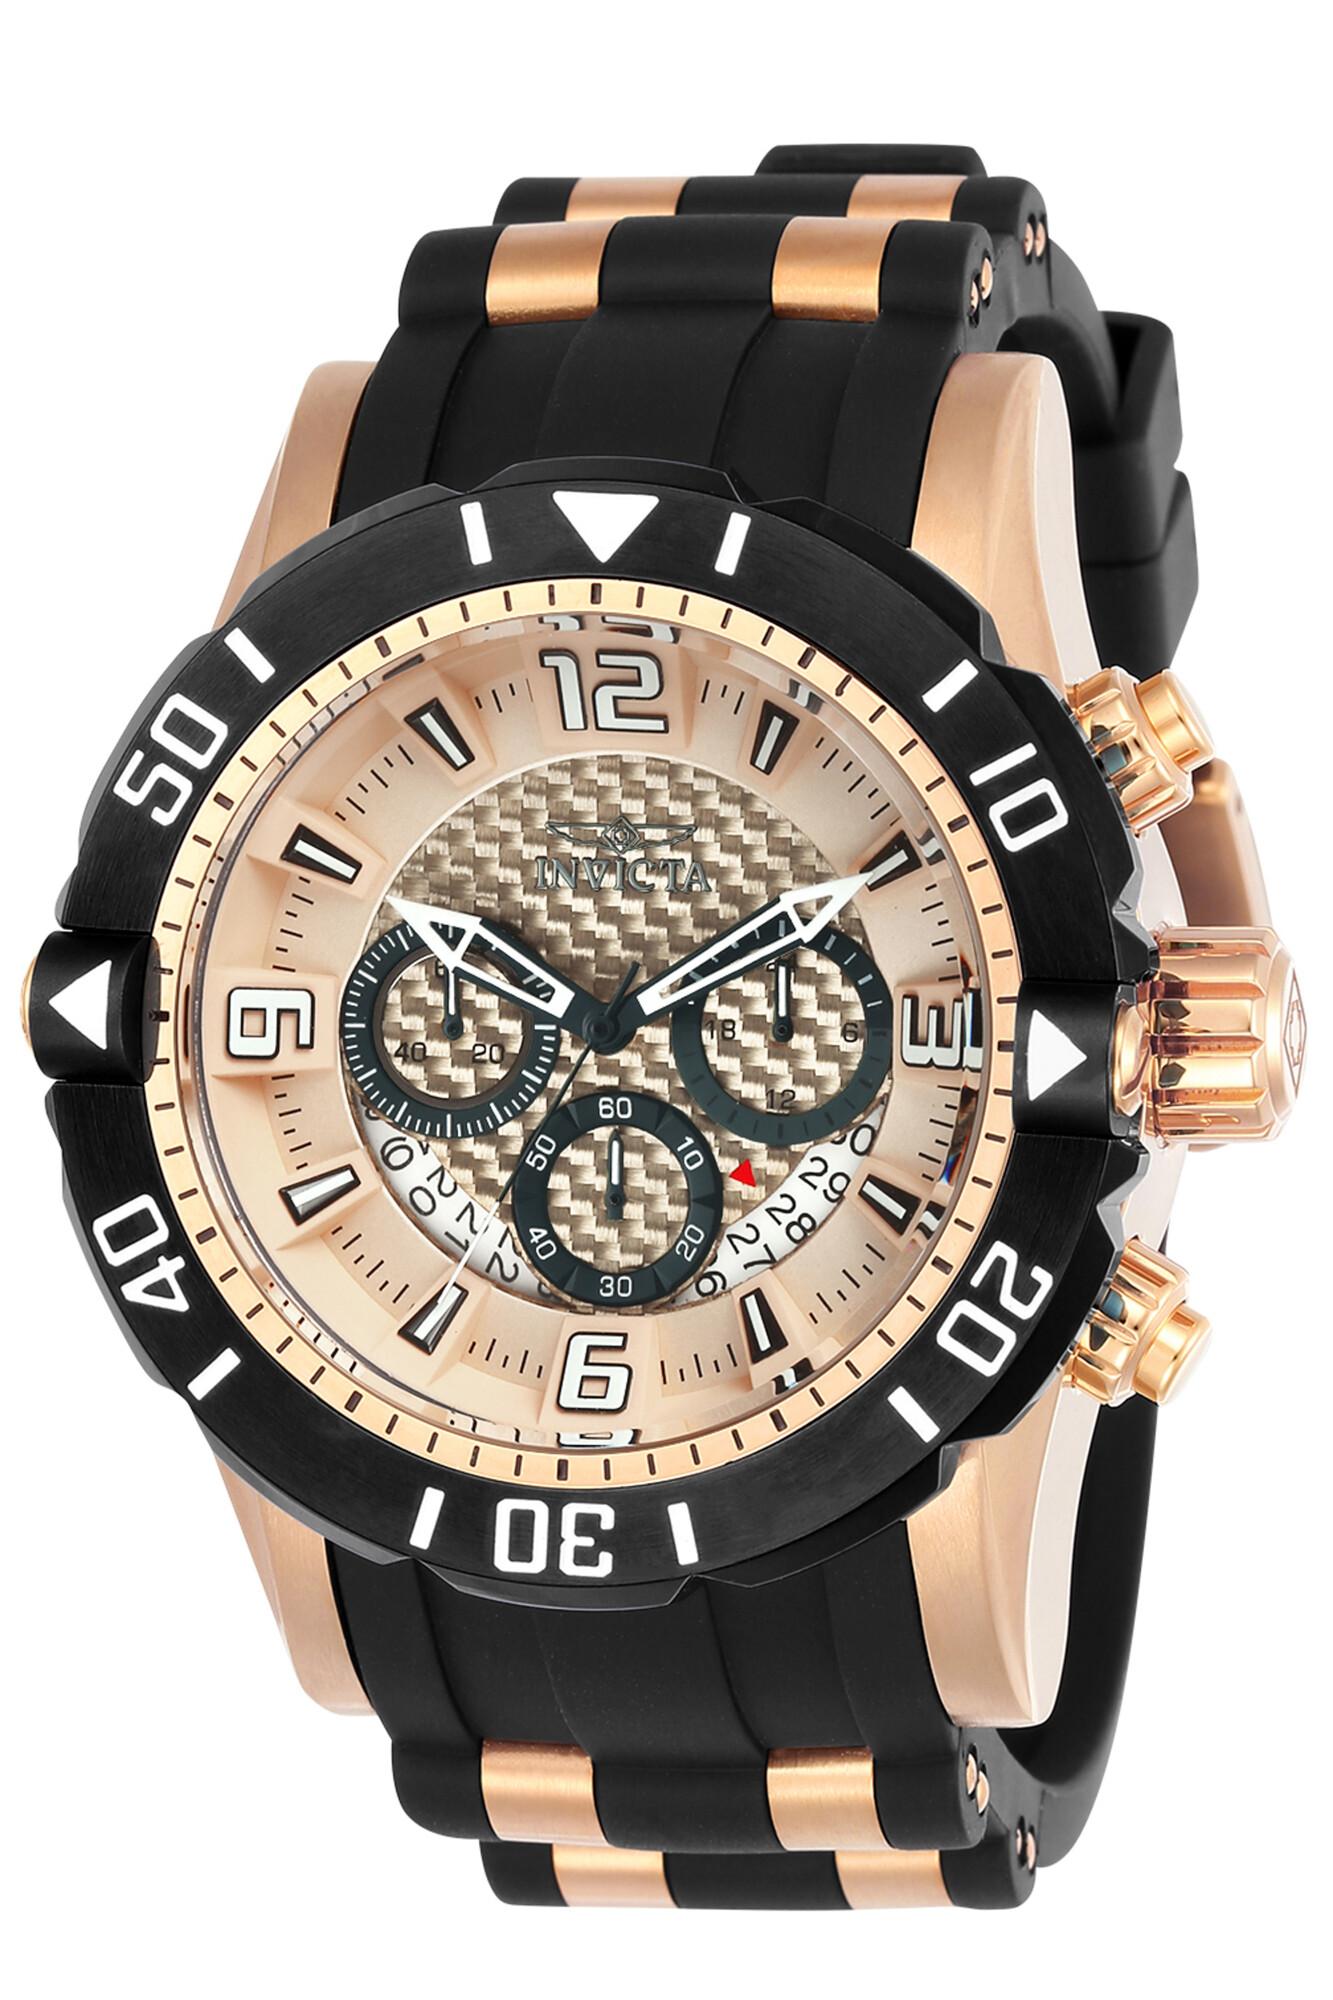 Invicta Men's Pro Diver INV-23711 Black Silicone Quartz Diving Watch